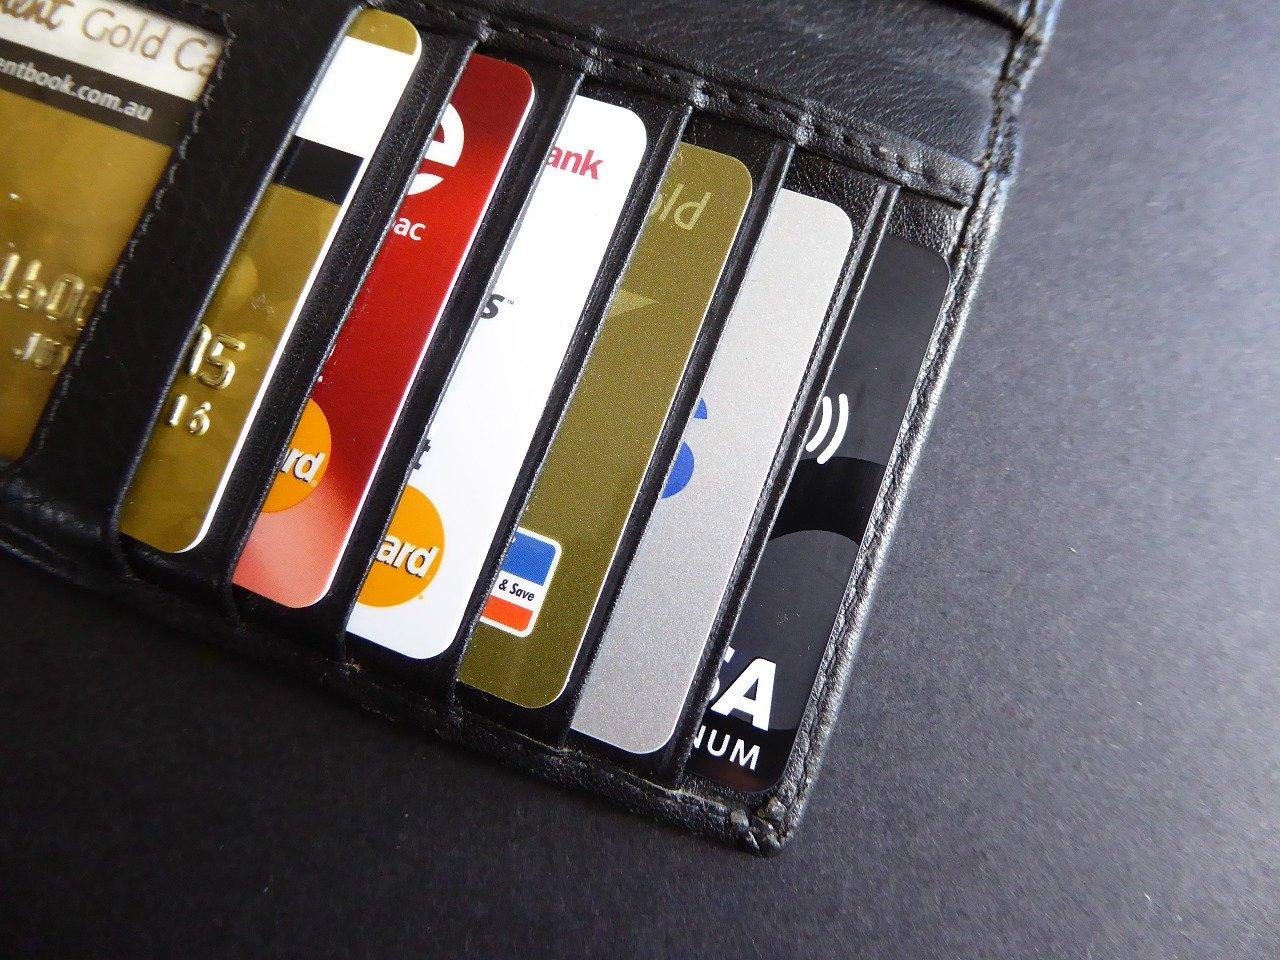 Spielsucht Kreditkarte